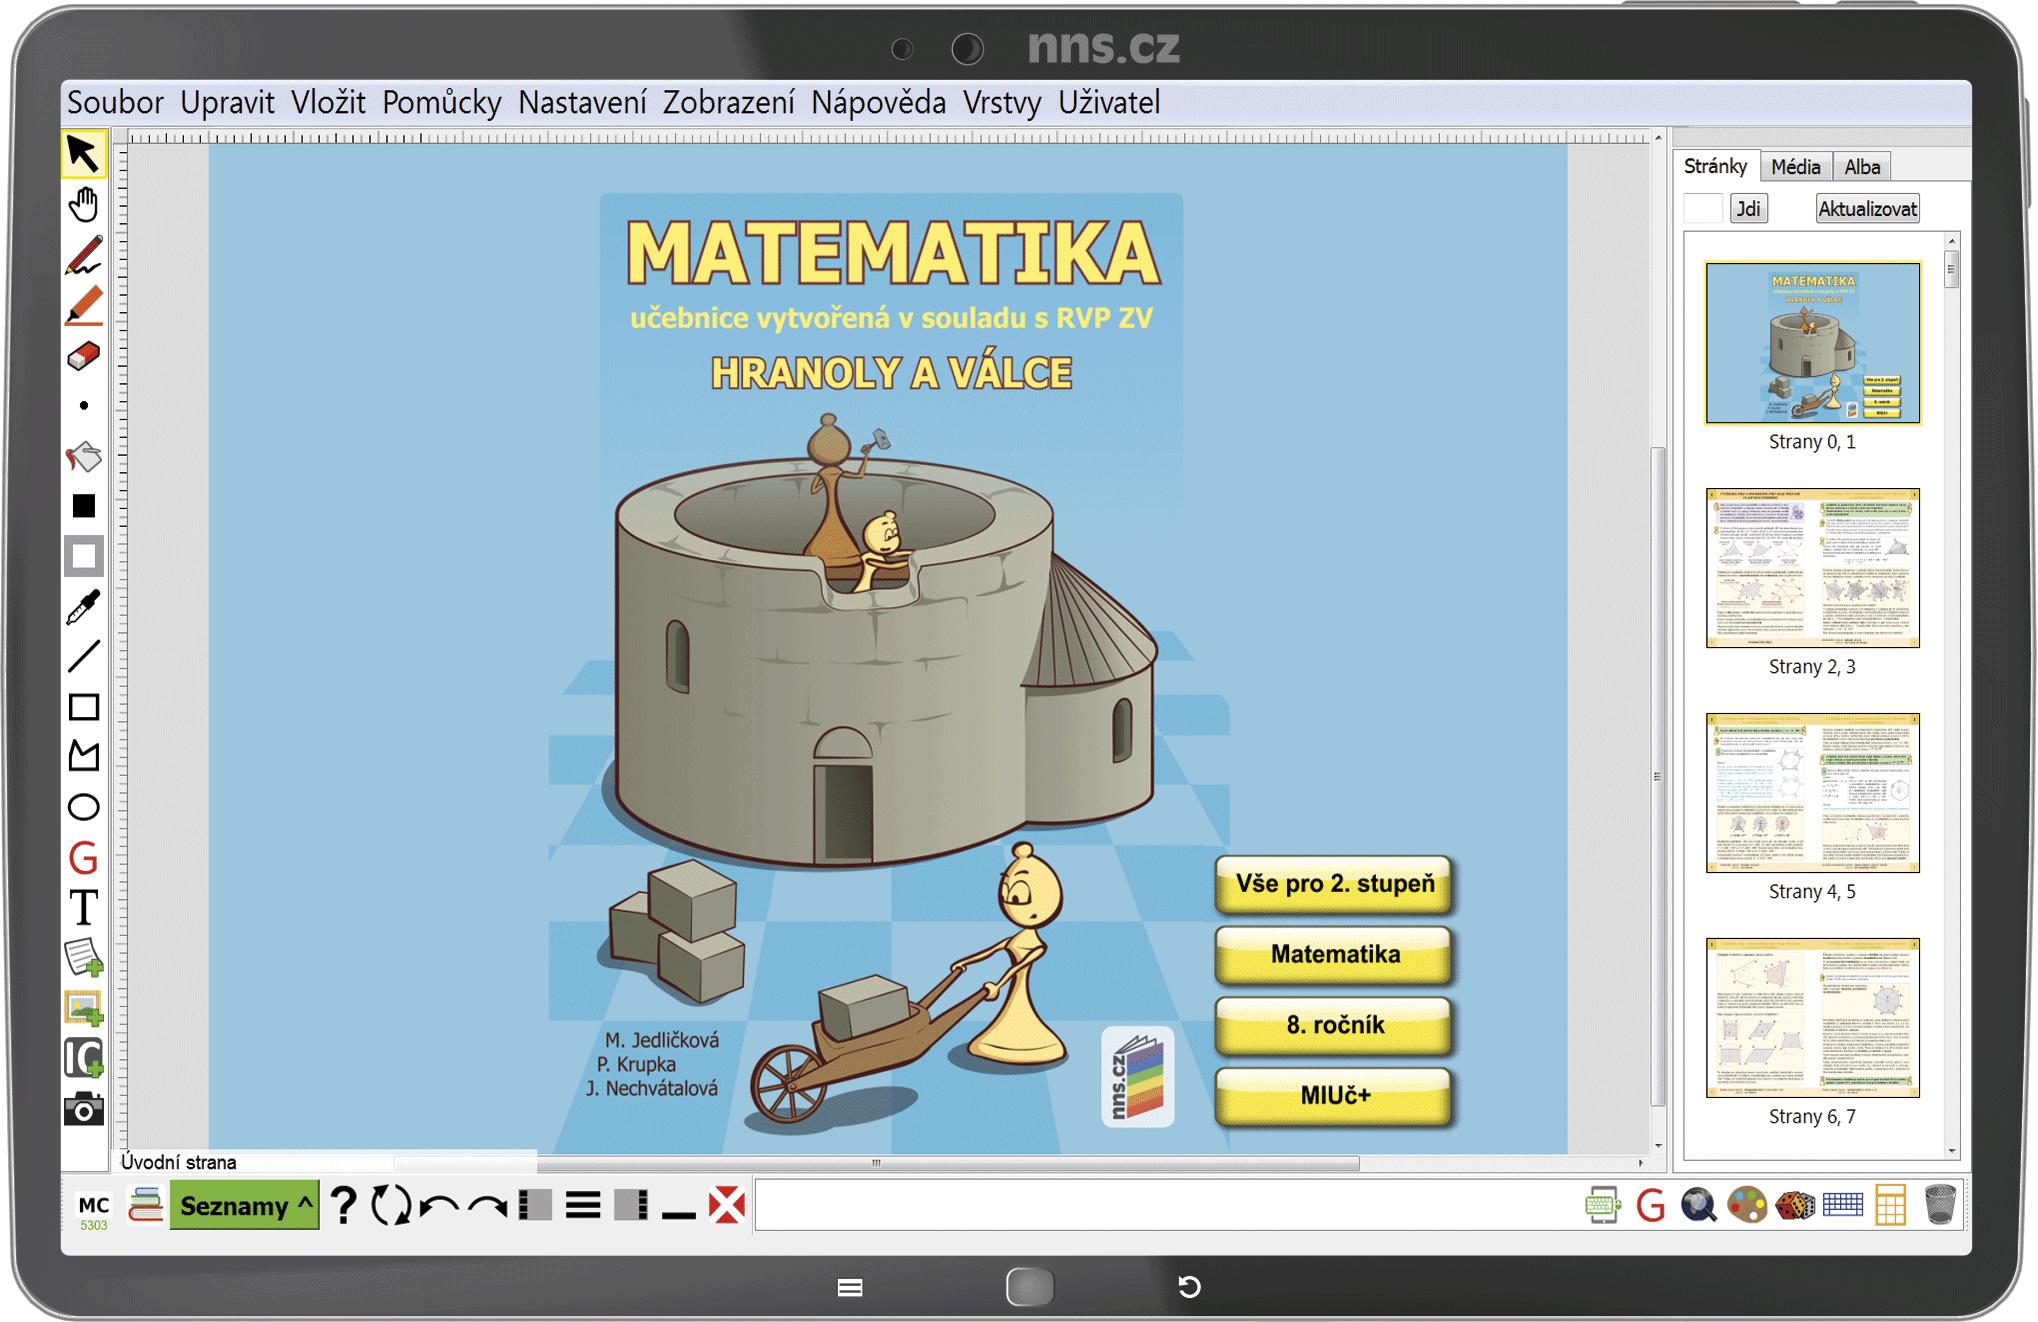 MIUč+ Matematika - Hranoly a válce – školní licence pro 1 učitele na 1 školní rok